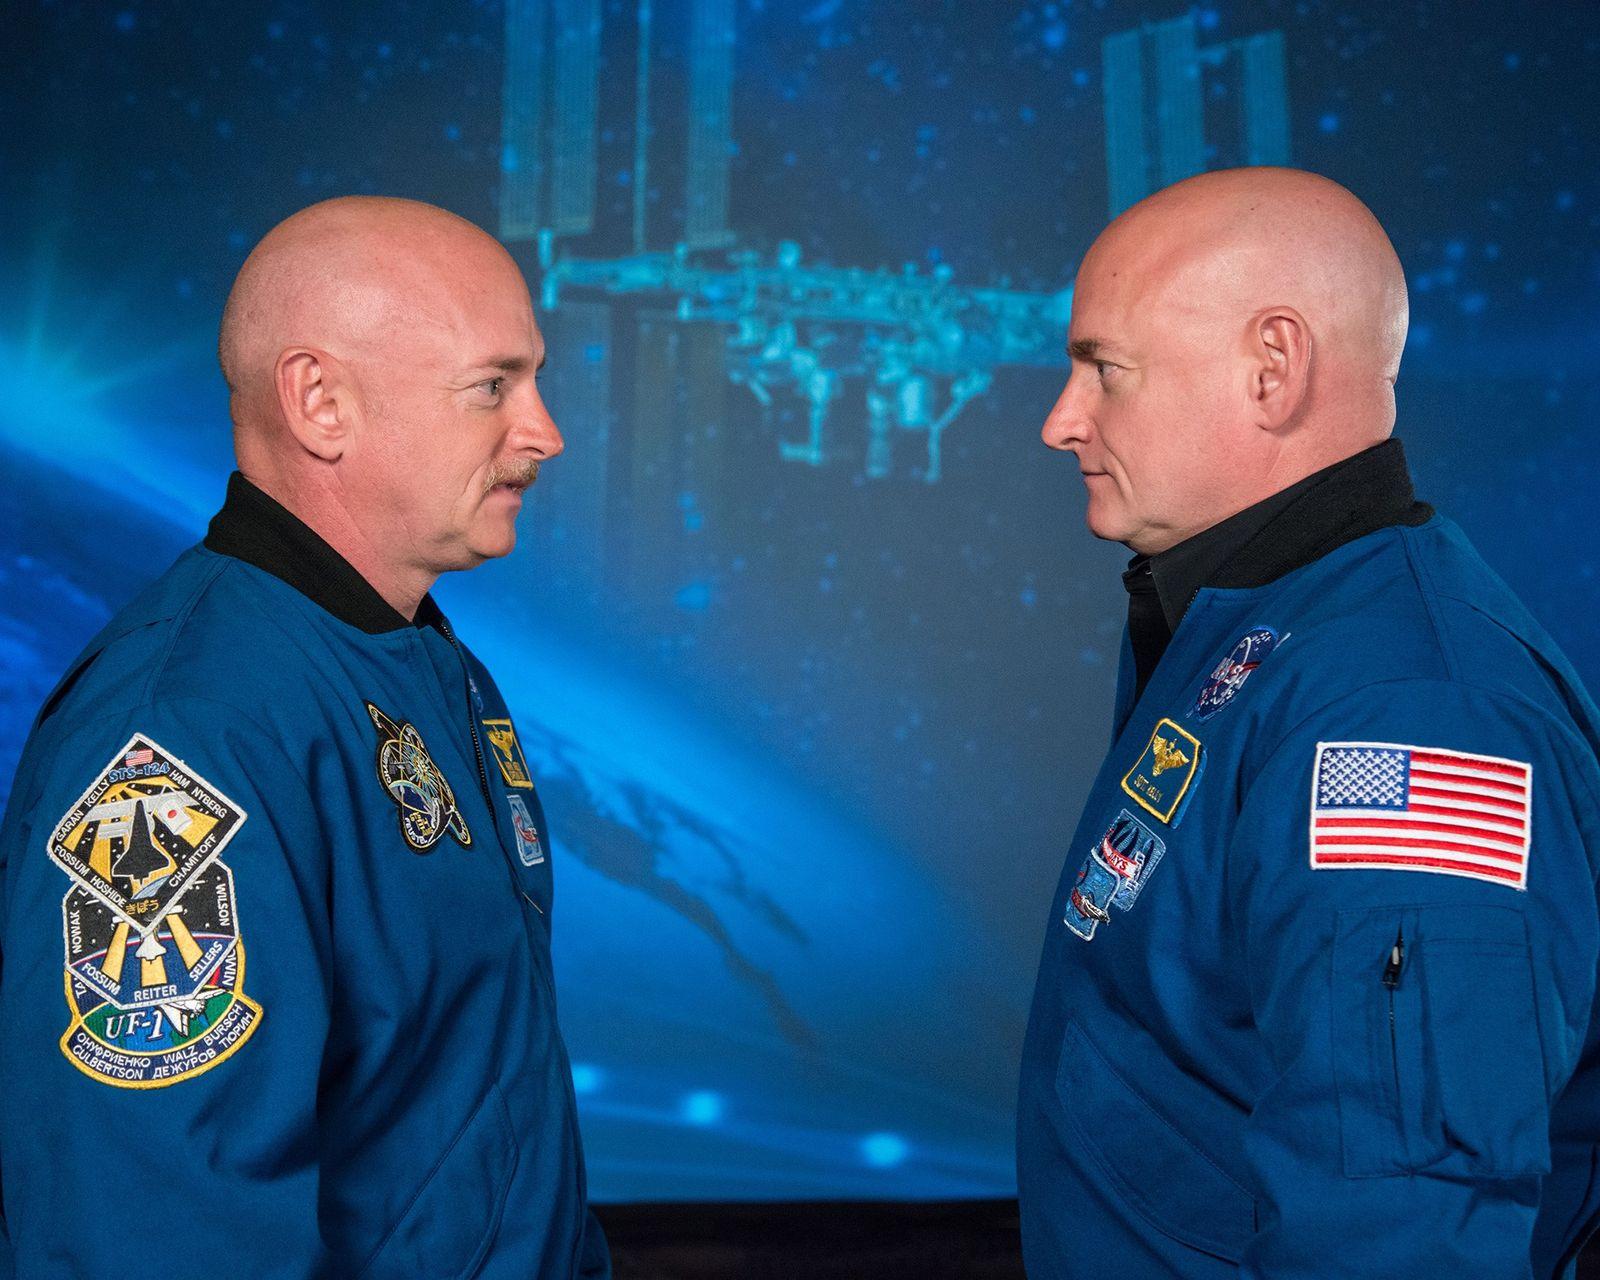 Les effets des vols spatiaux décryptés grâce aux jumeaux Kelly